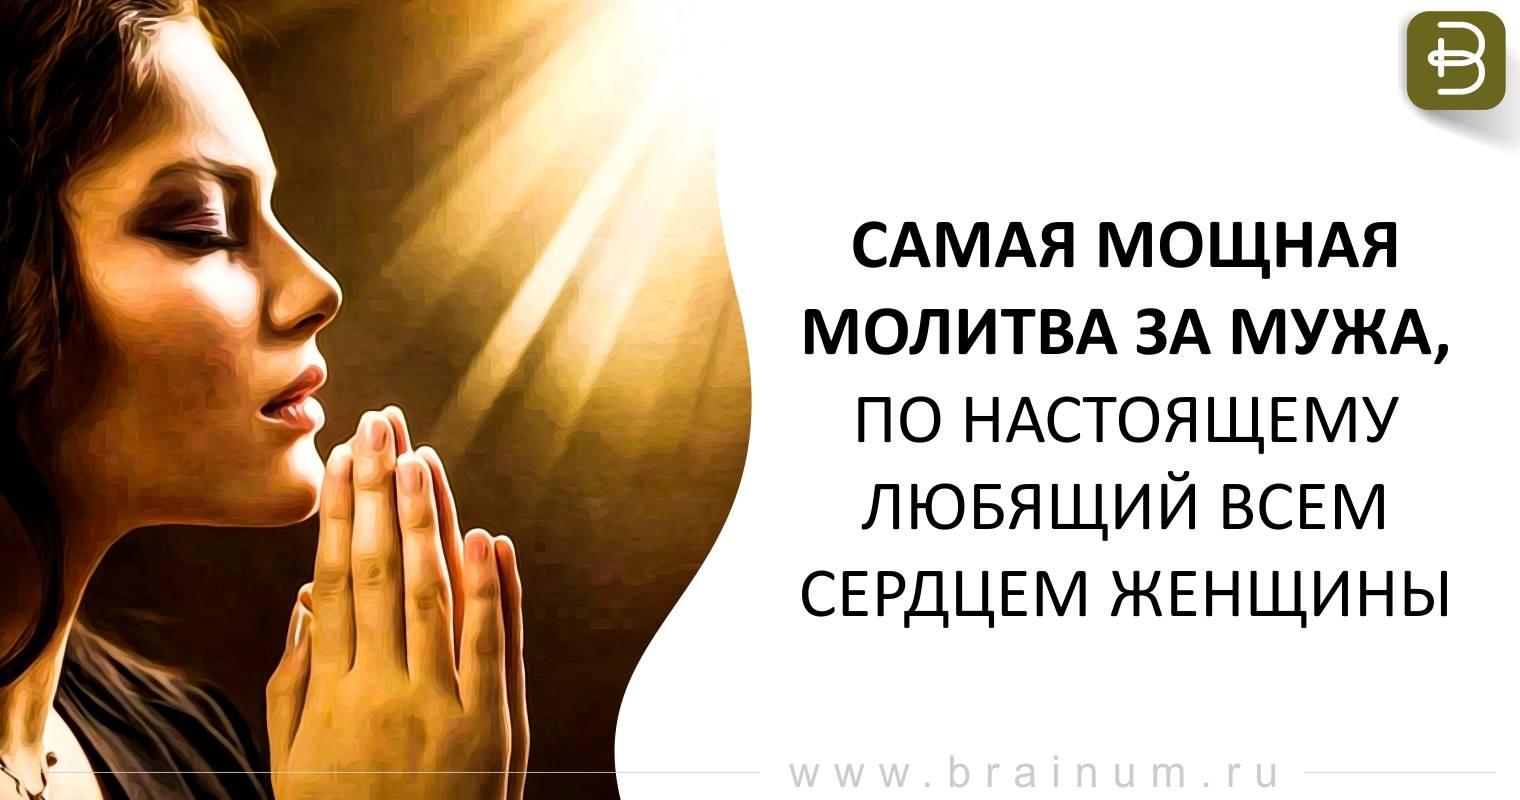 Самая сильная молитва для похудения